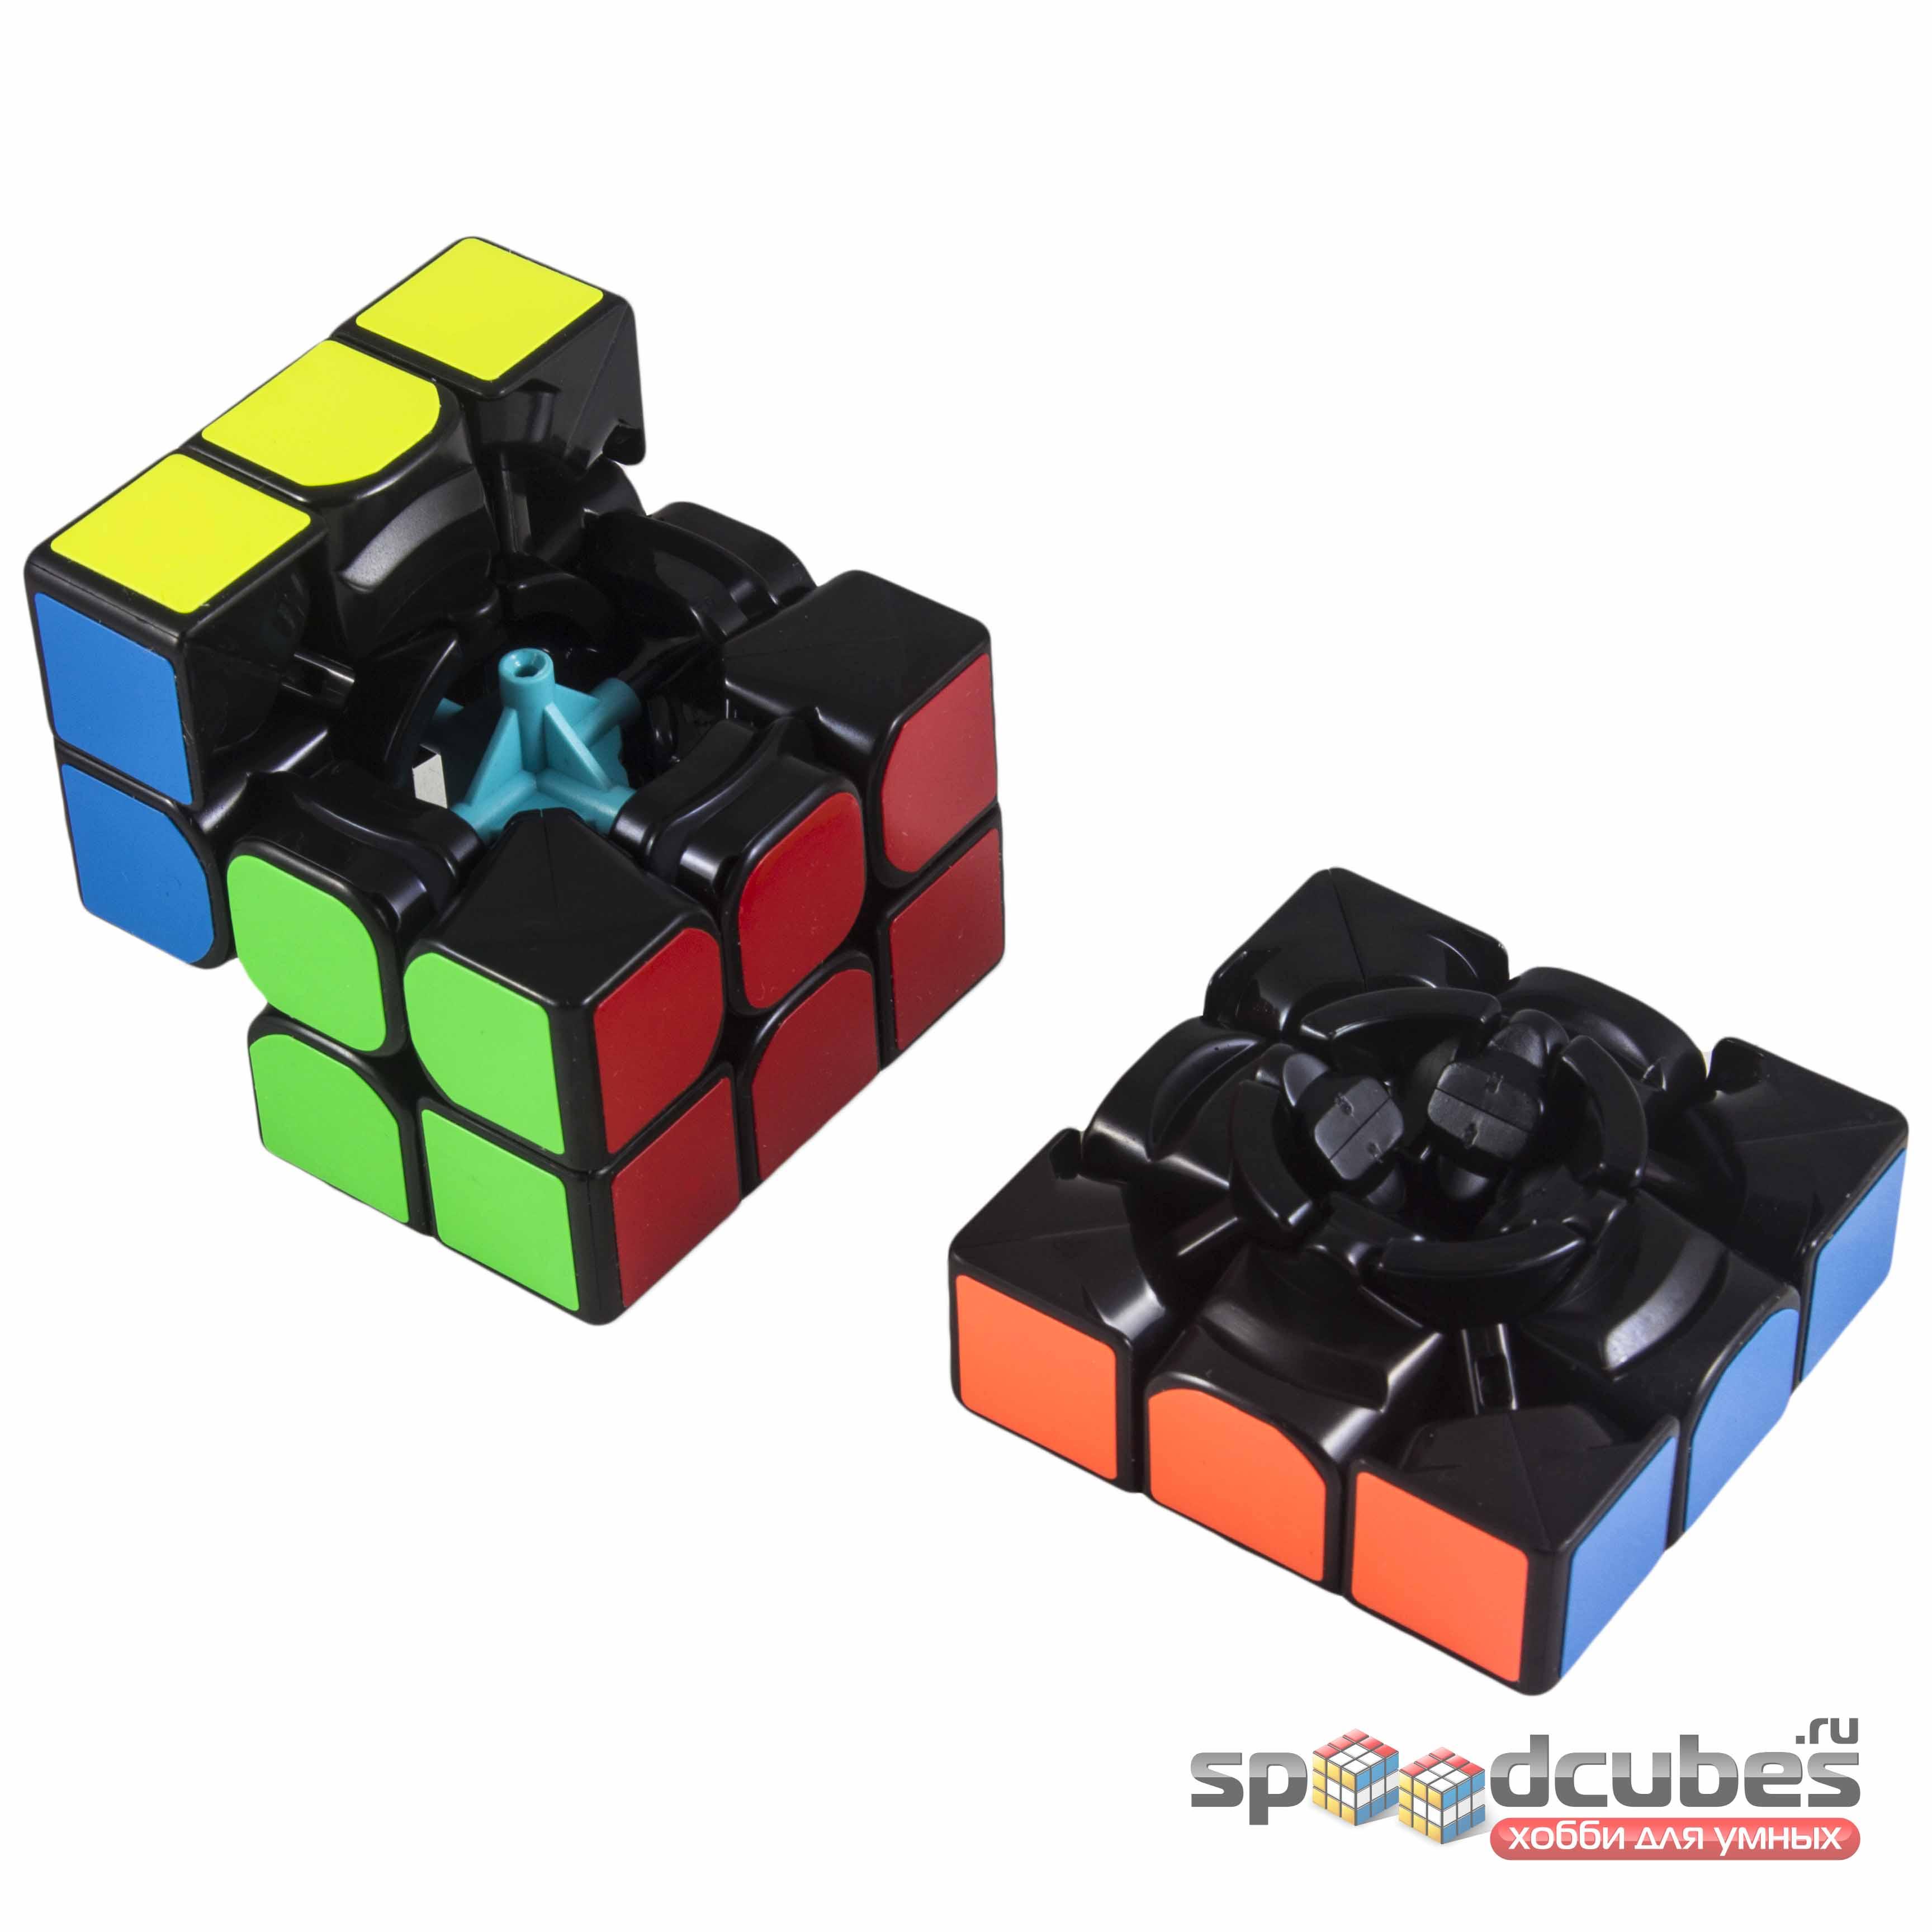 Moyu 3x3x3 Mofangjiaoshi Mf3rs2 Black 3